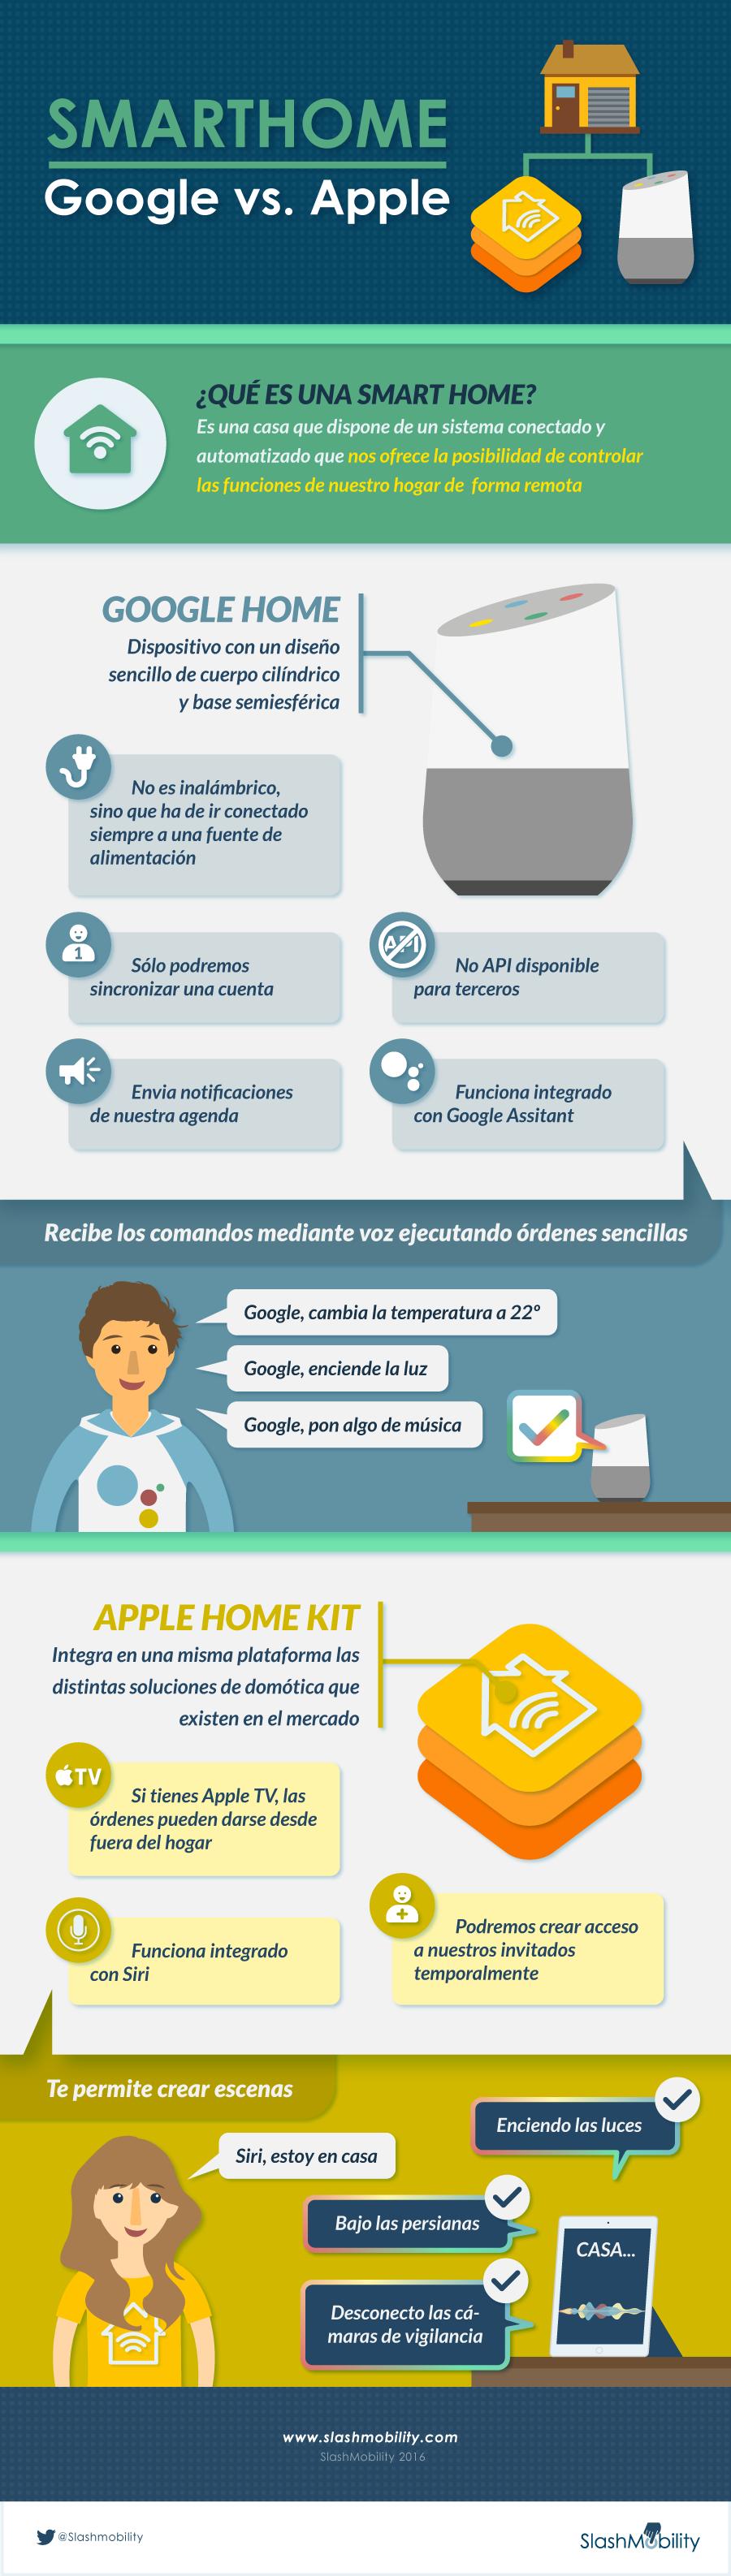 google home vs apple home kit